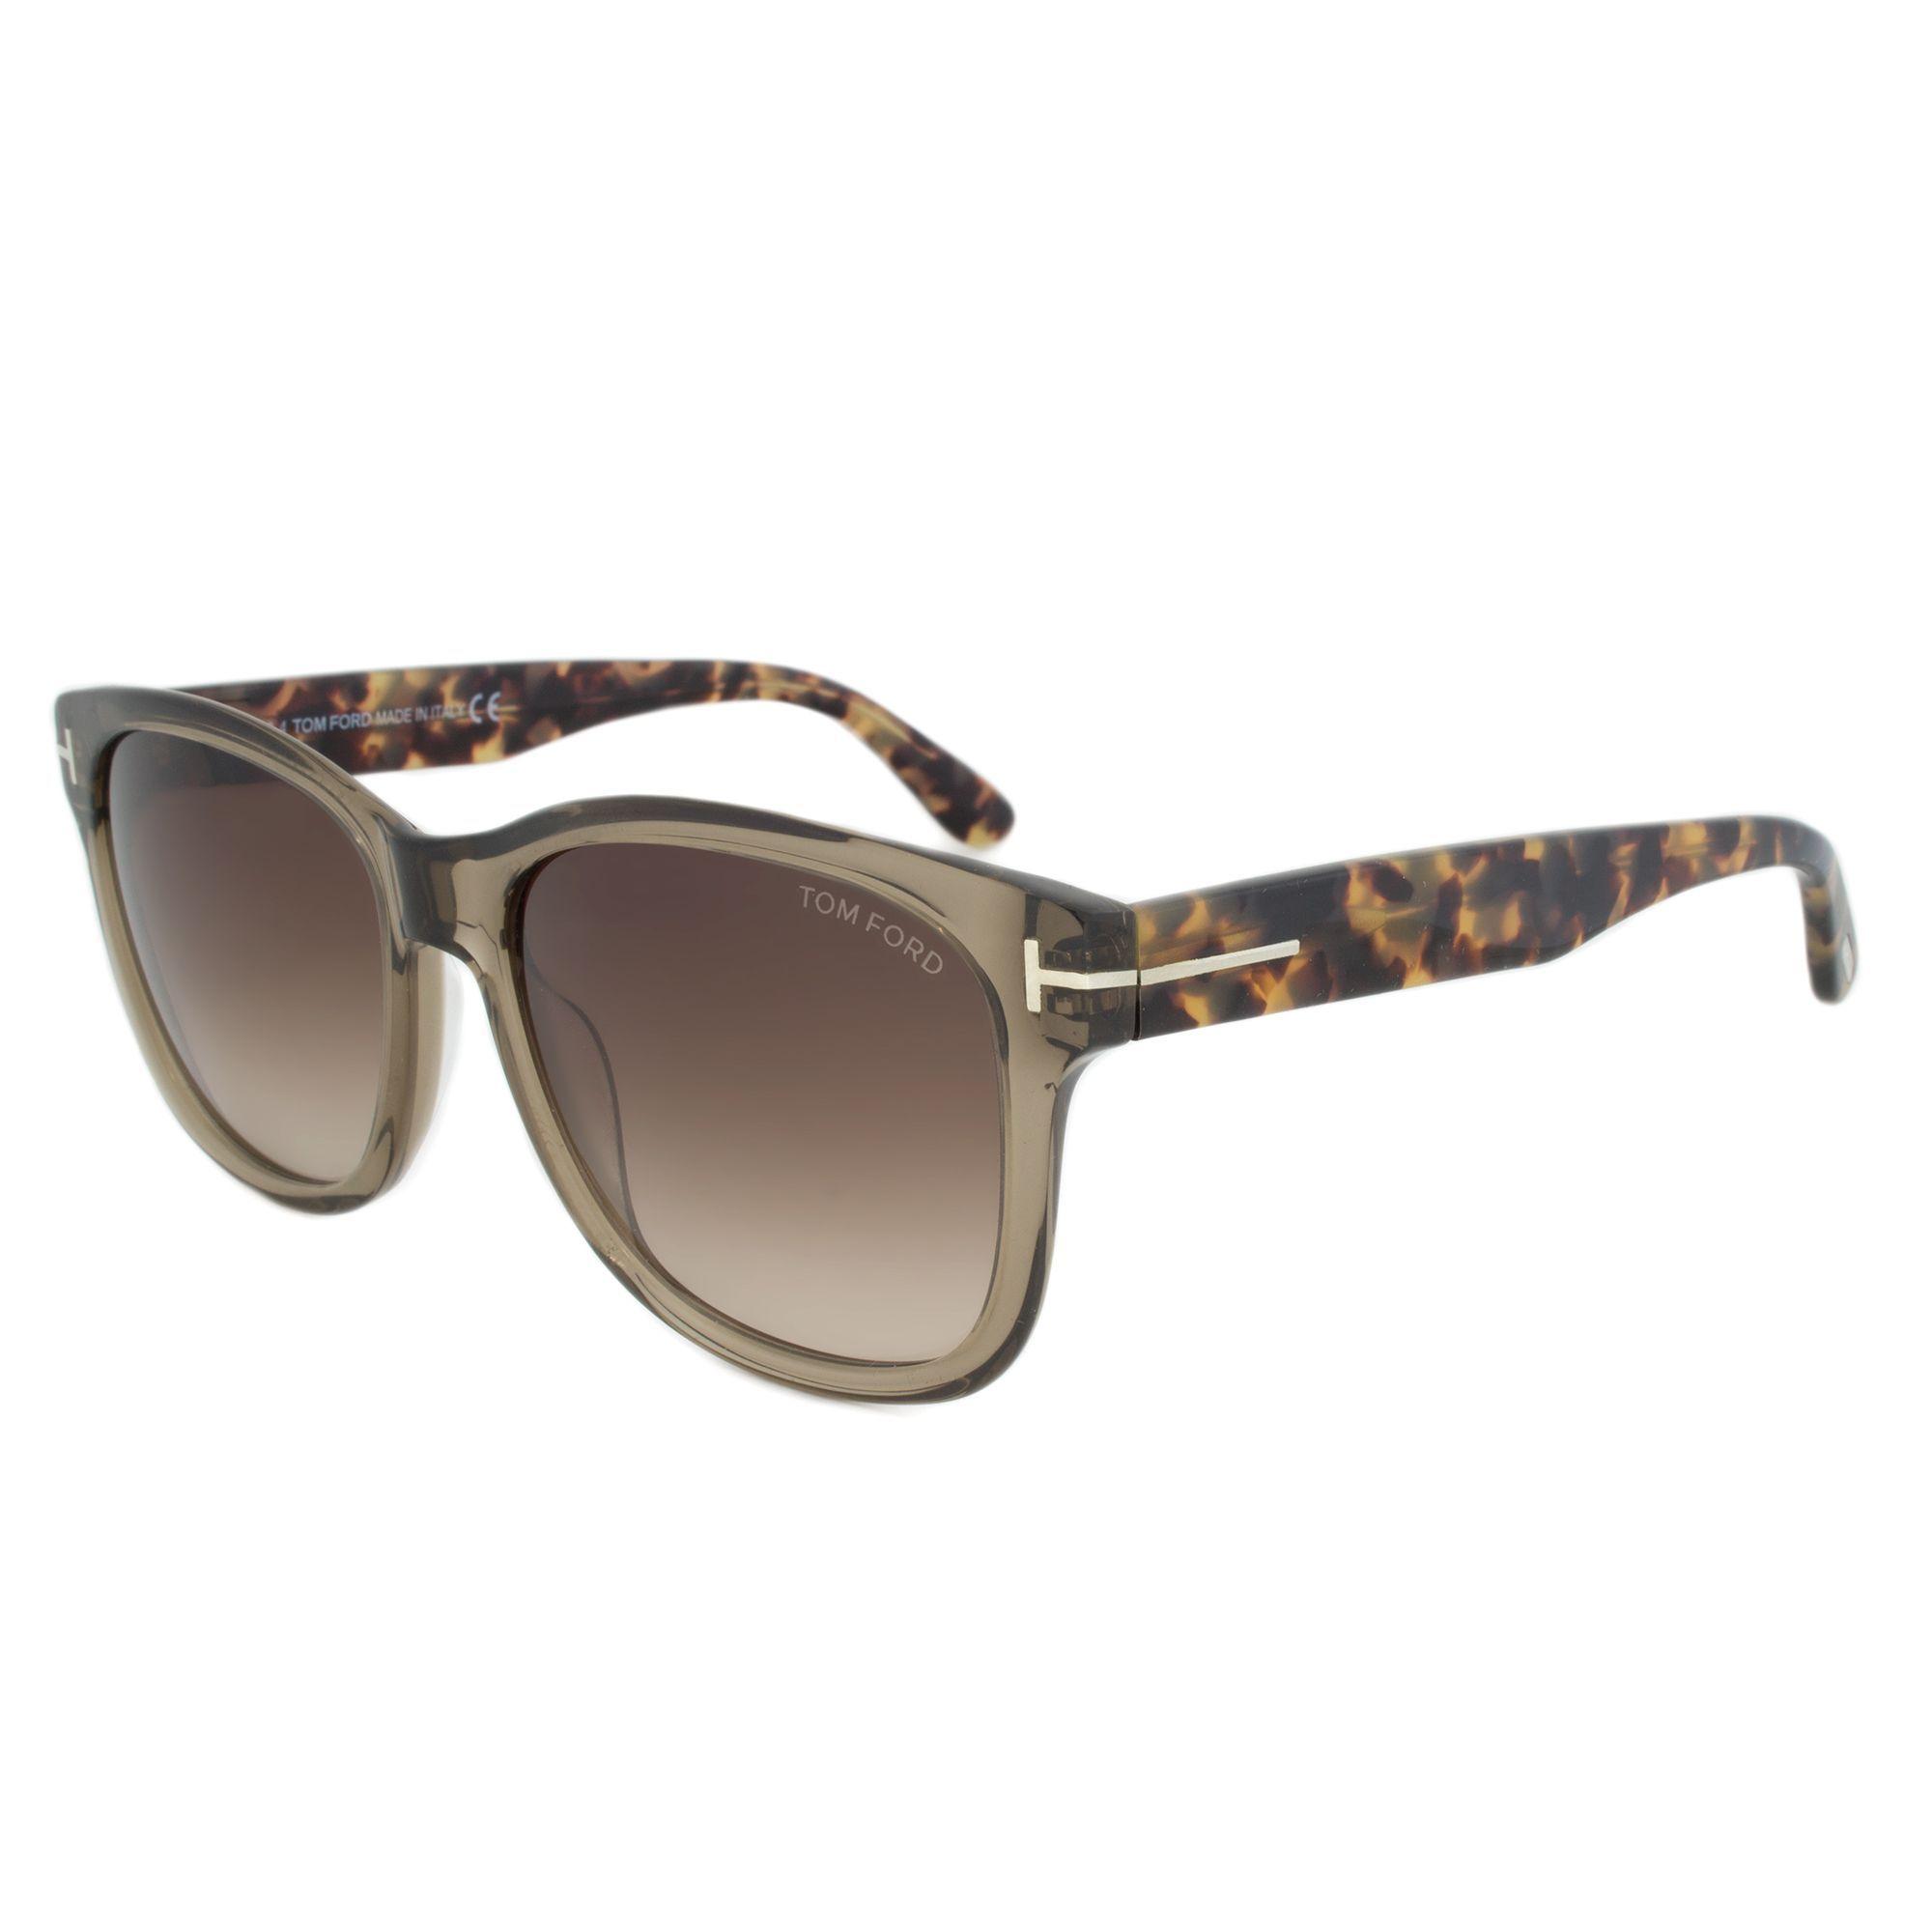 Tom Ford Sonnenbrille FT0395 34K Sonnenbrille Herren zOYw4f2